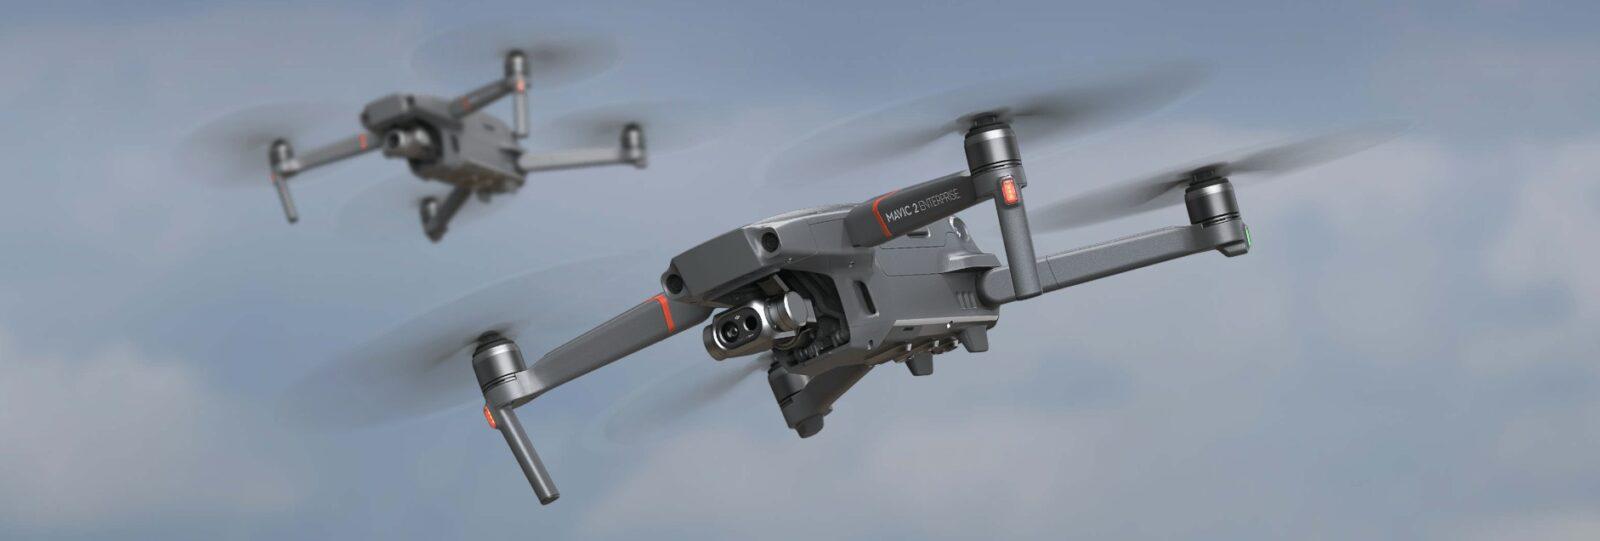 DJI начал подсчет и отслеживание количества людей, чьи жизни были спасены с помощью дронов.